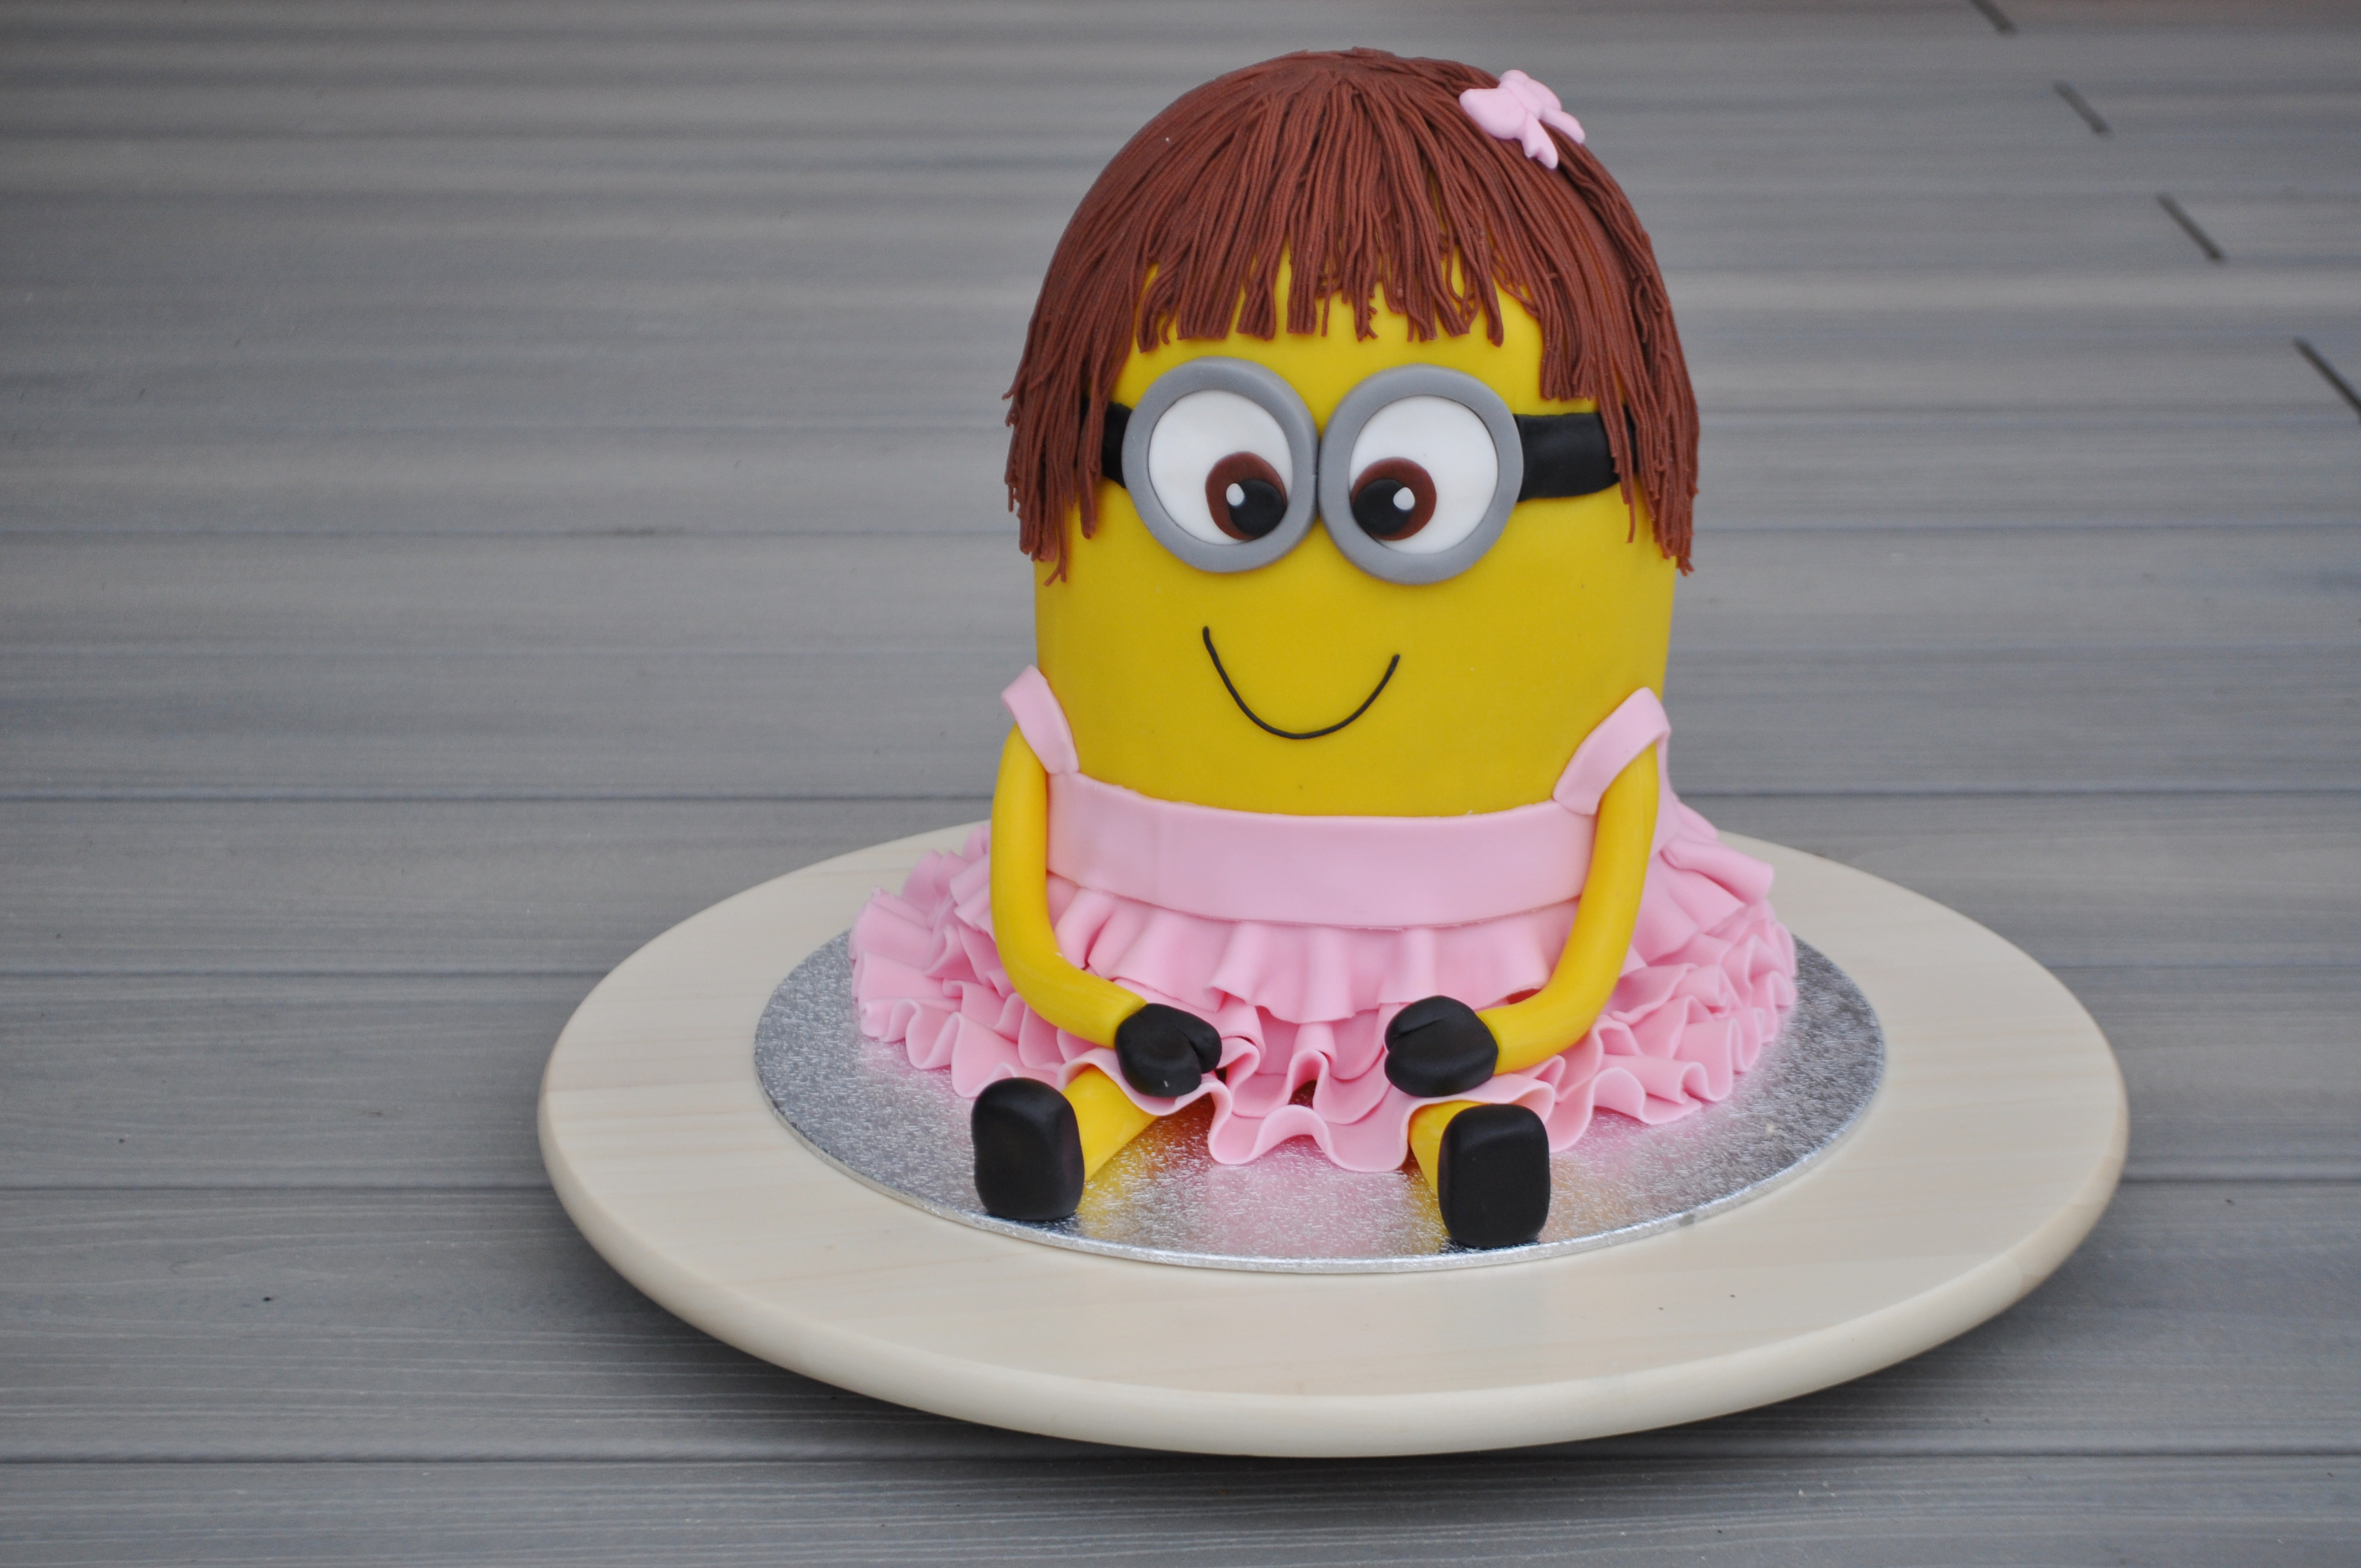 Iets Nieuws Hoe maak je een minion 3D taart? – Liefde voor bakken #LS93